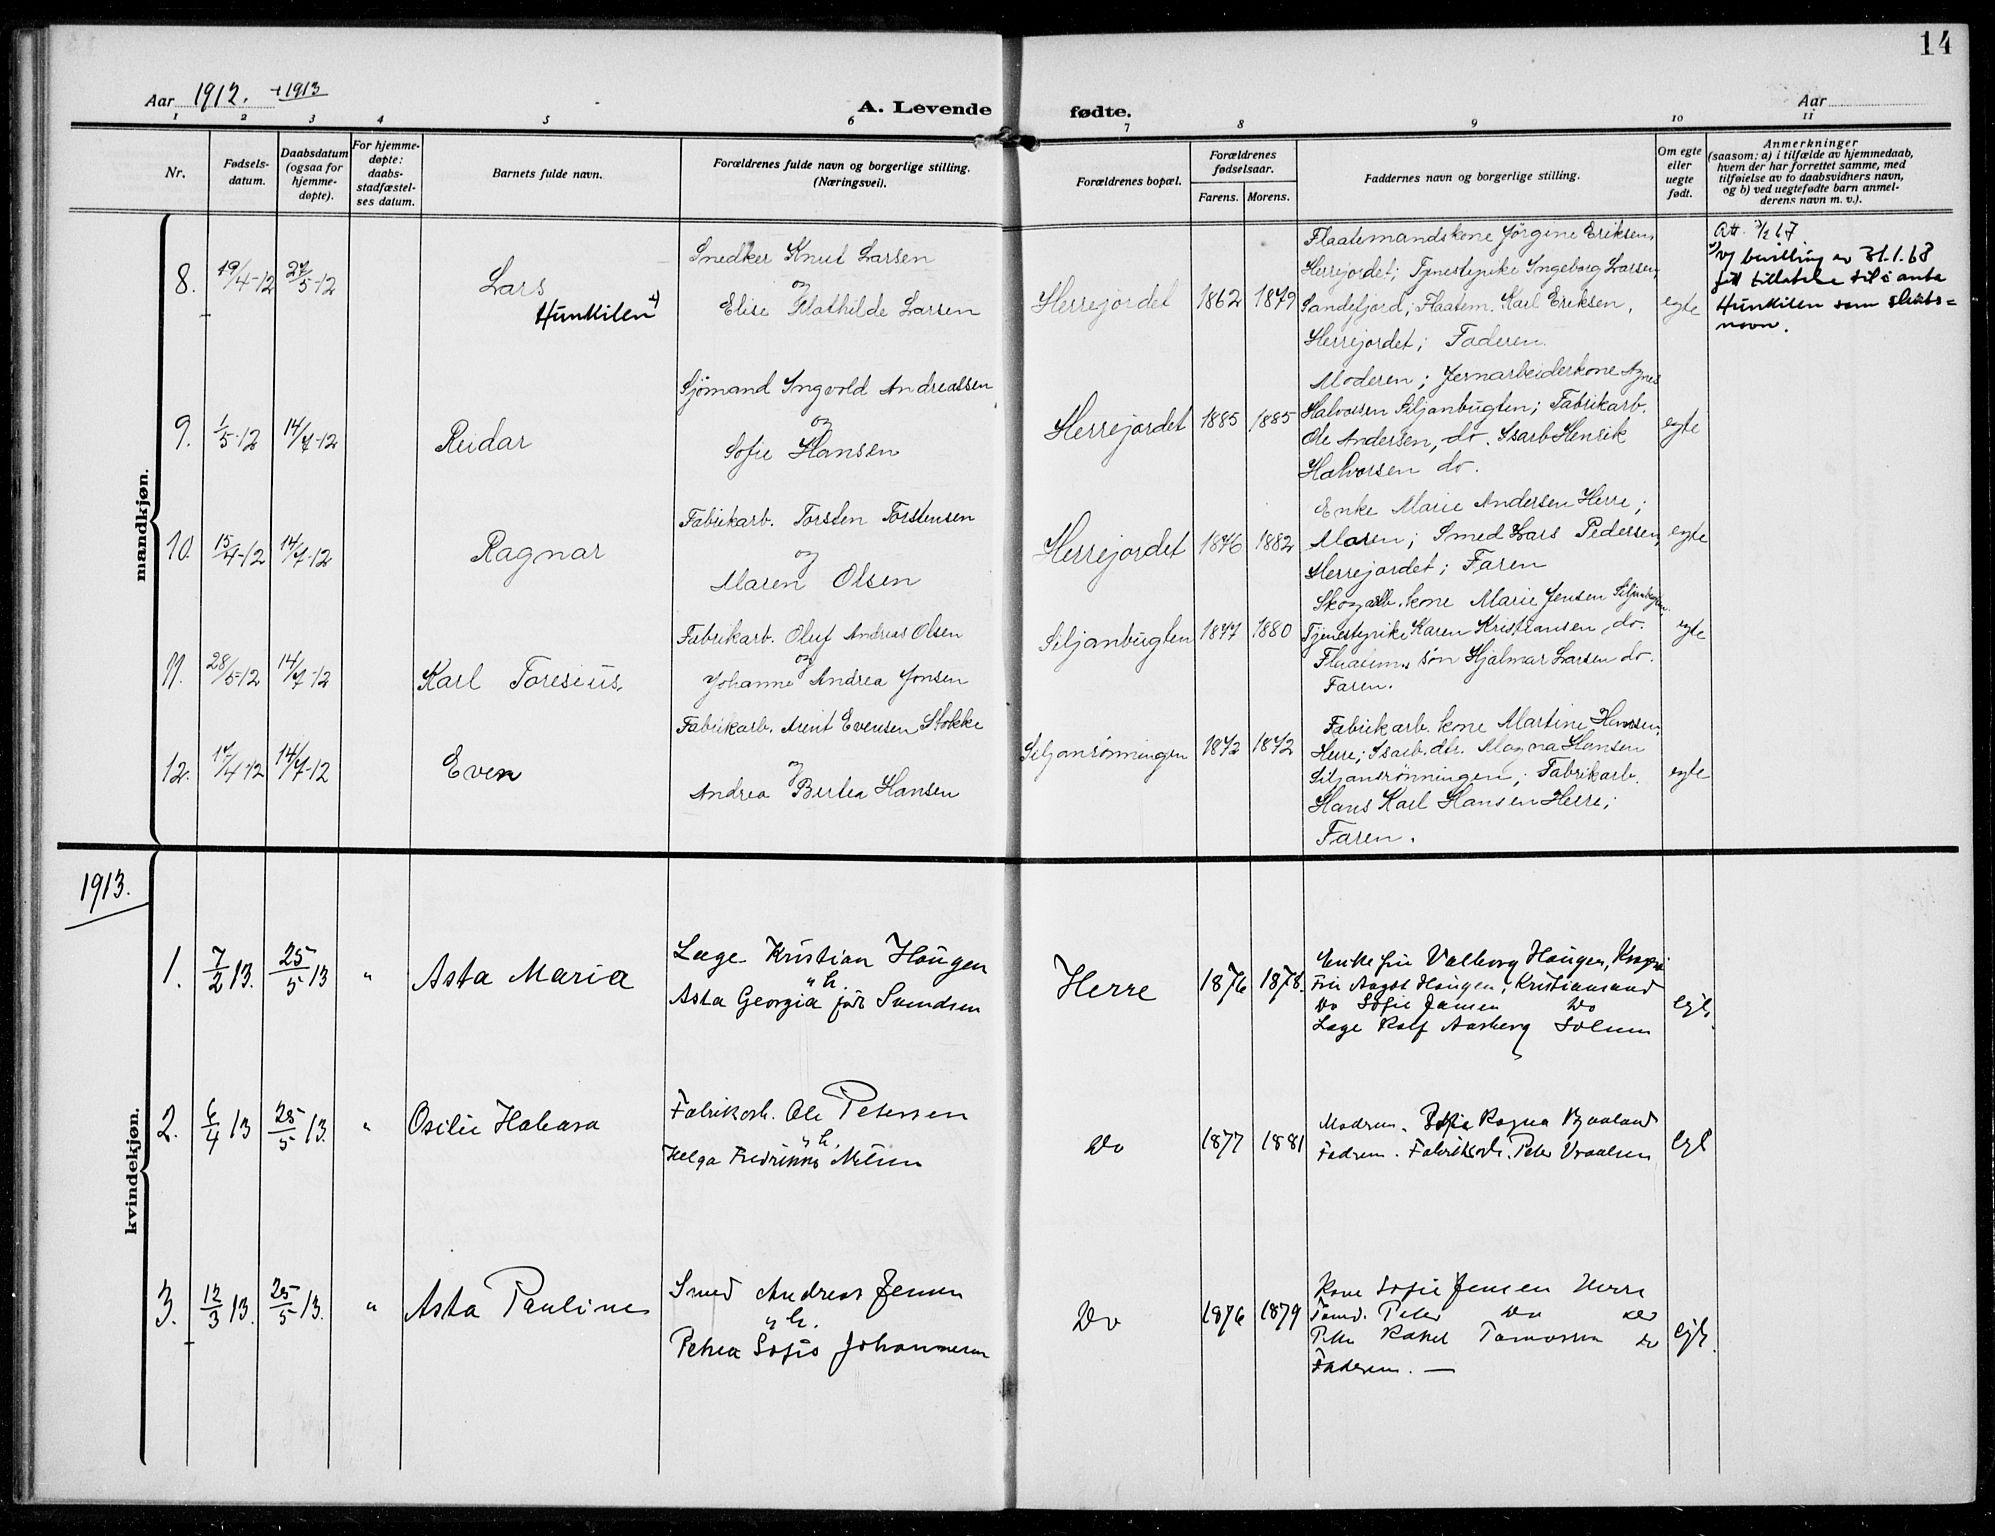 SAKO, Bamble kirkebøker, F/Fc/L0001: Ministerialbok nr. III 1, 1909-1916, s. 14